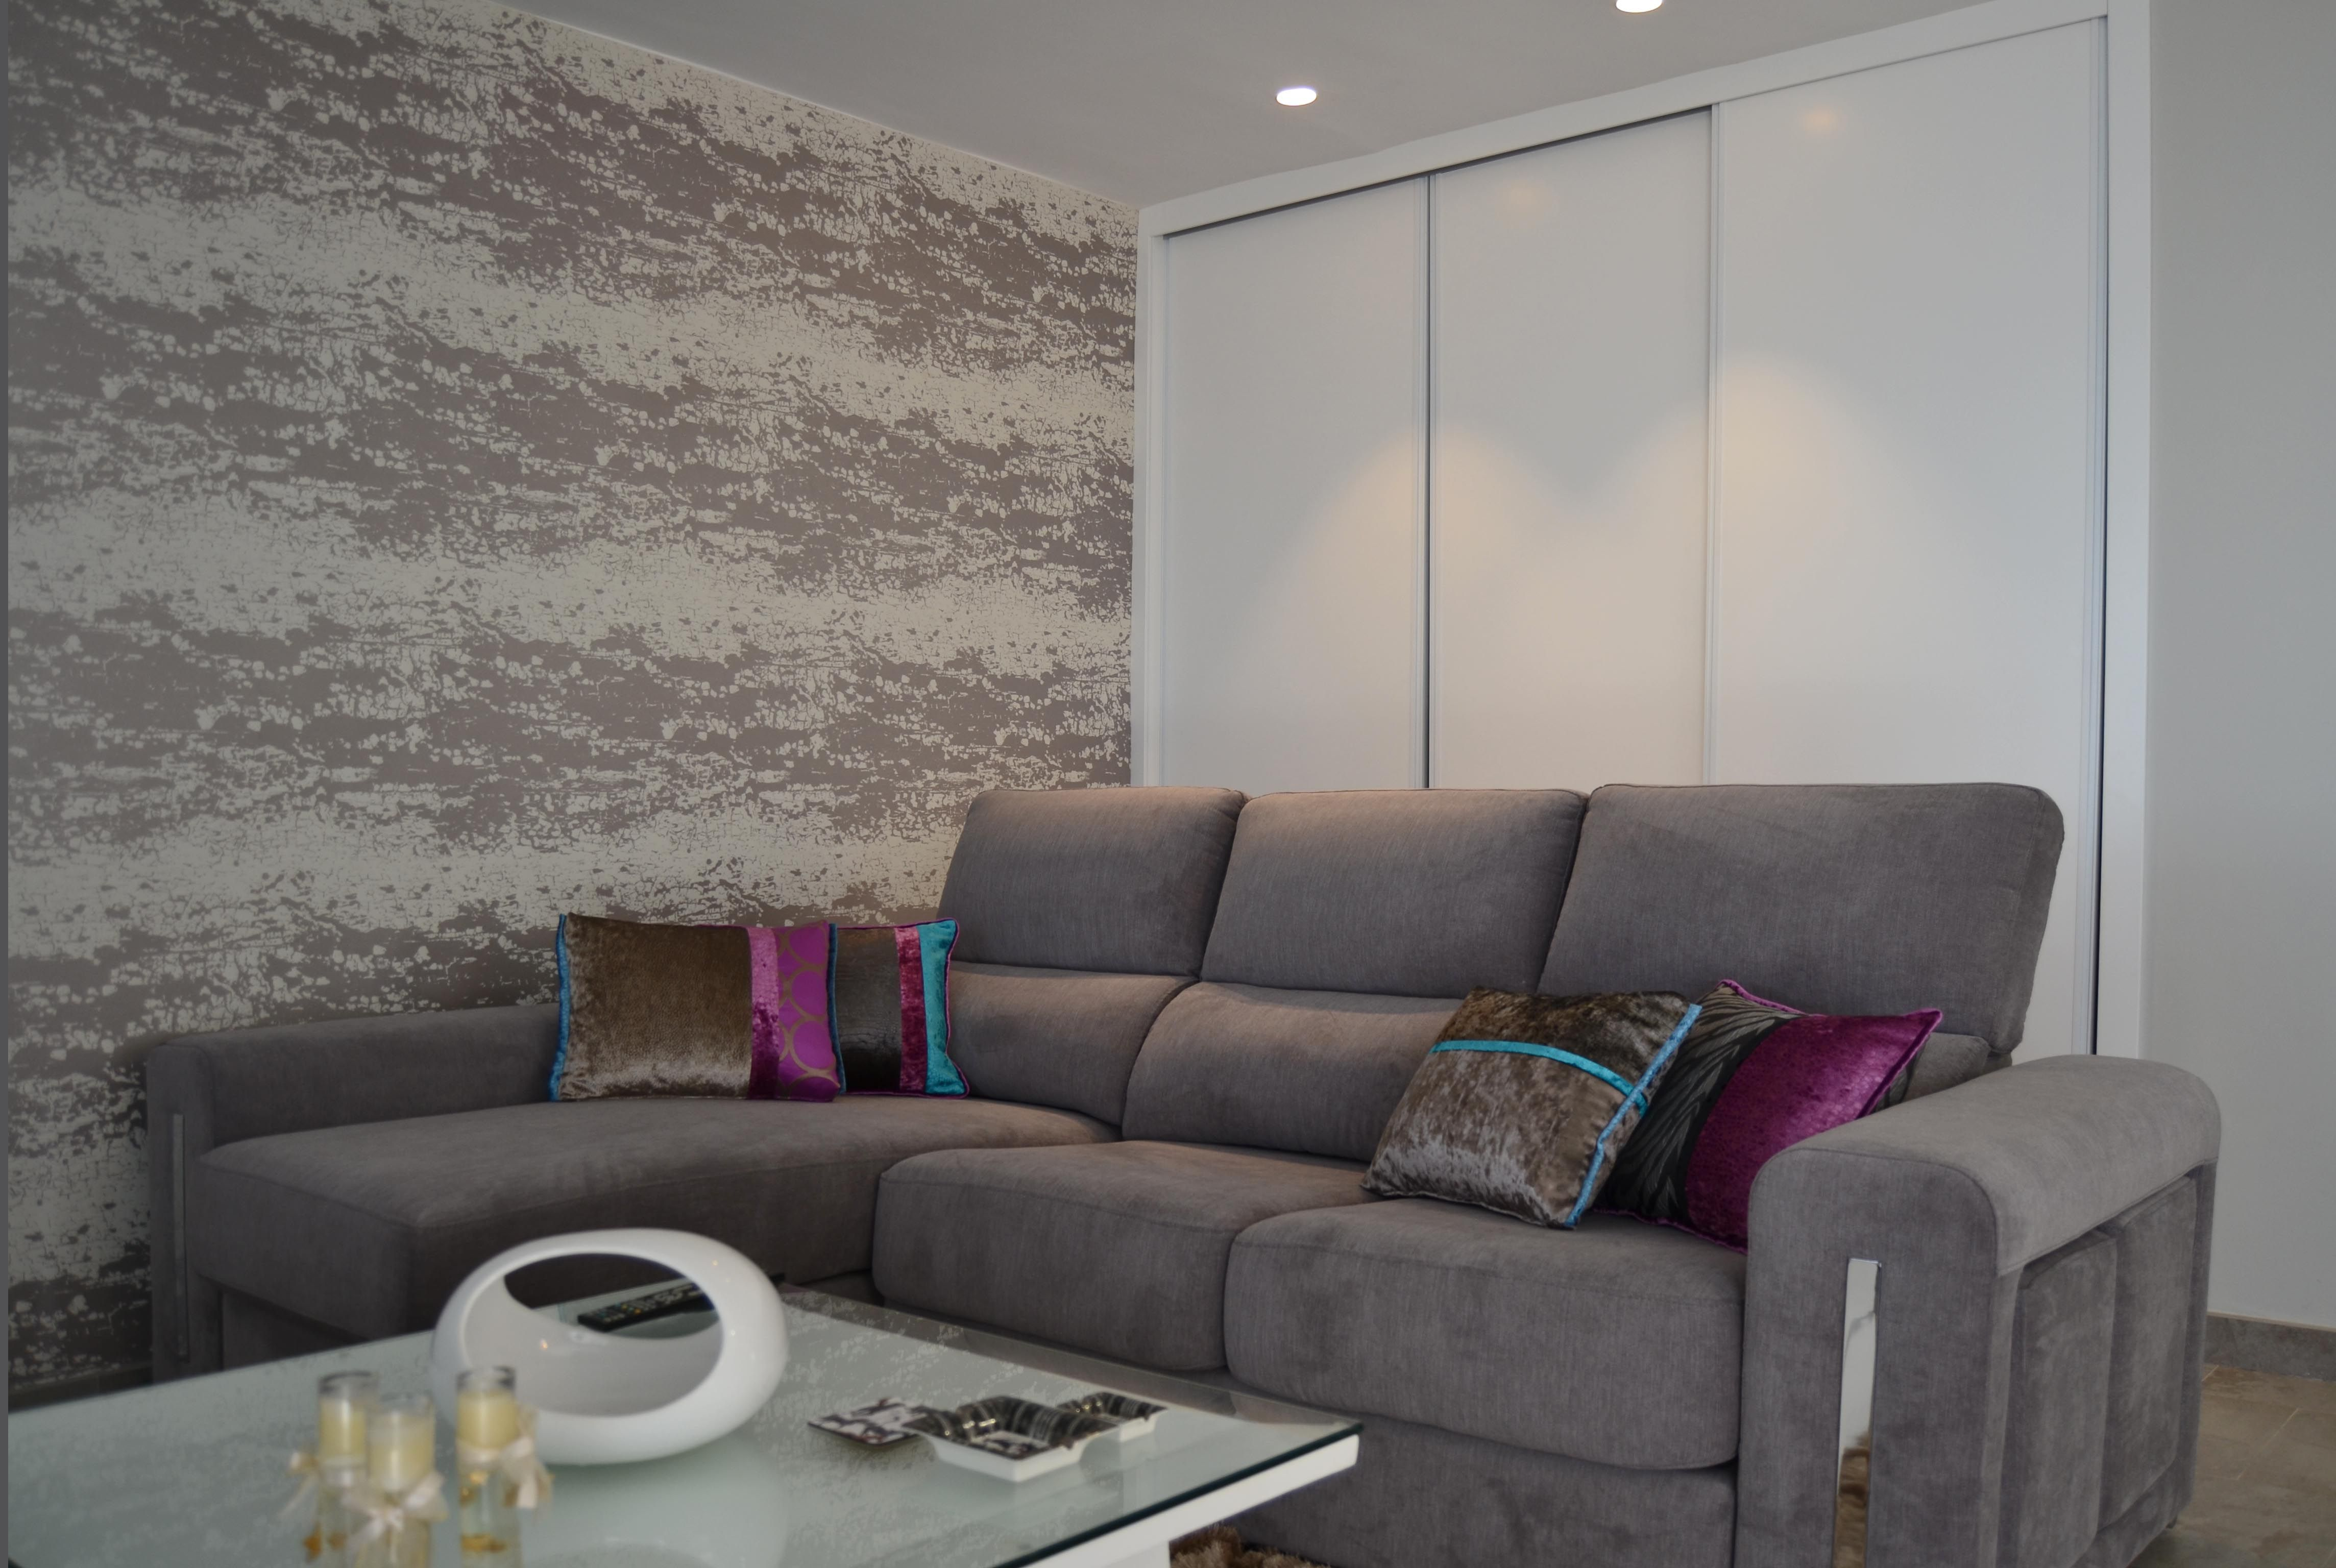 Un sofá chaise longue con cojines de distintas texturas y colores